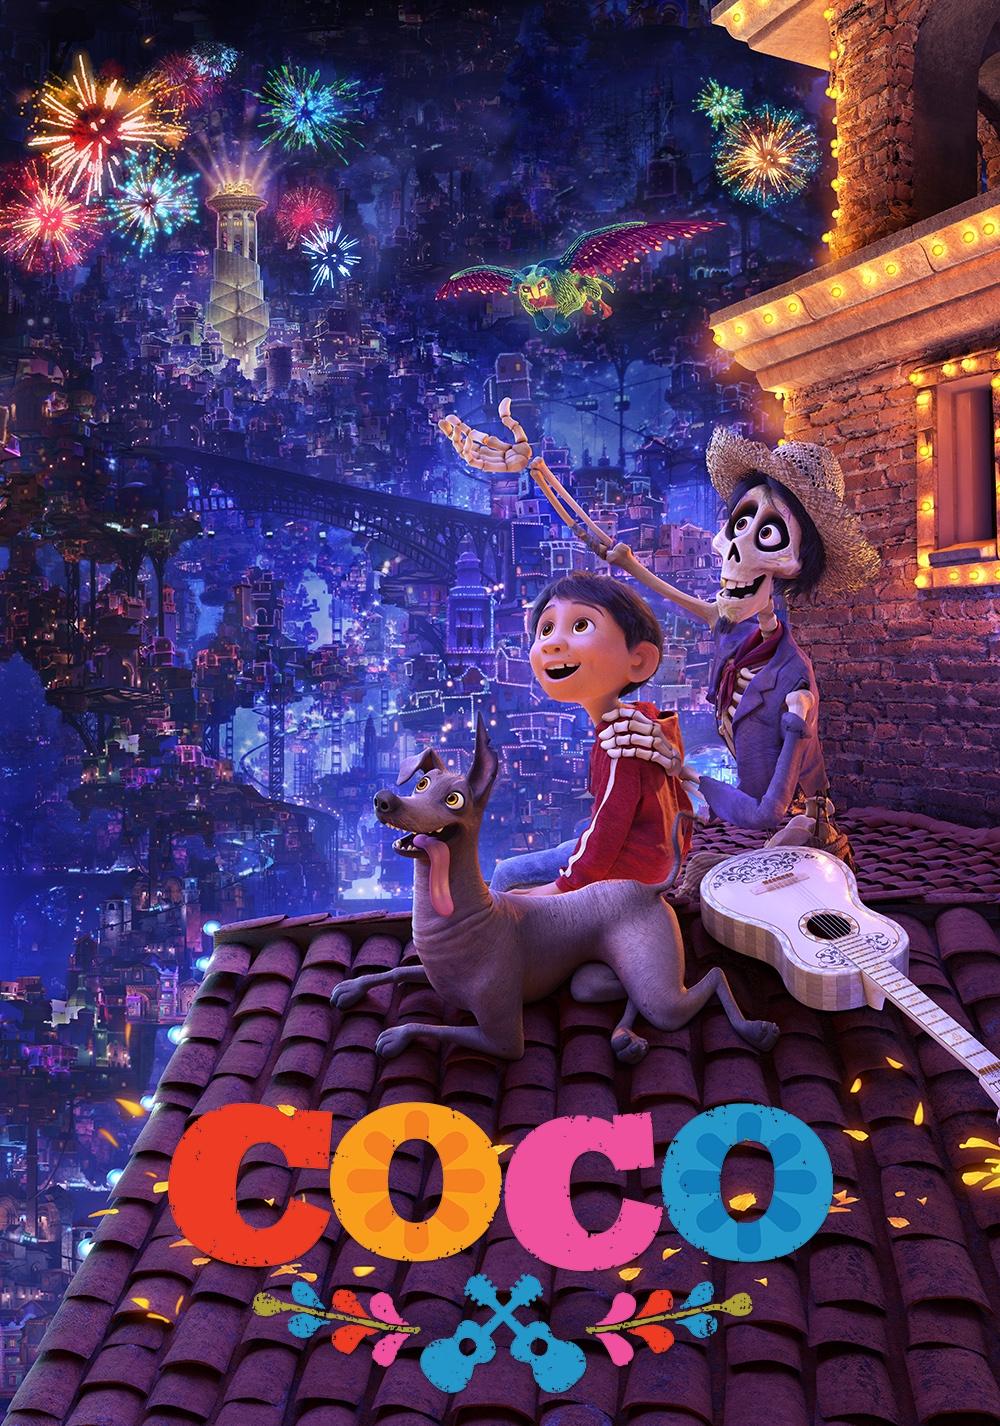 Coco (film)   Moviepedia   FANDOM powered by Wikia